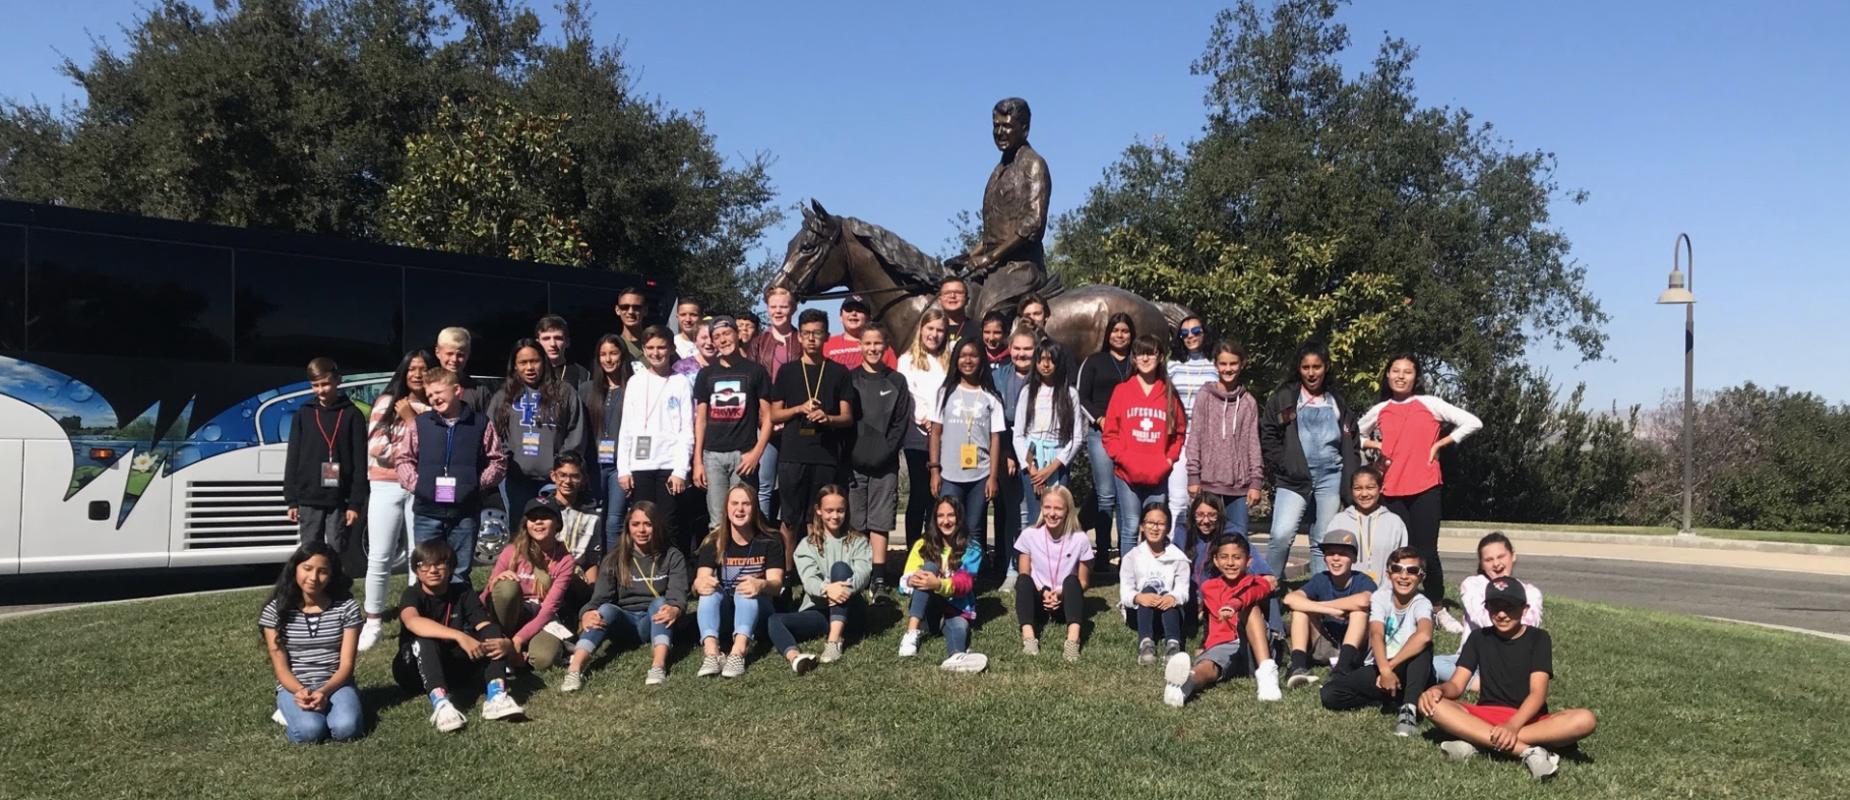 Fall 2019 CJSF Trip Photo